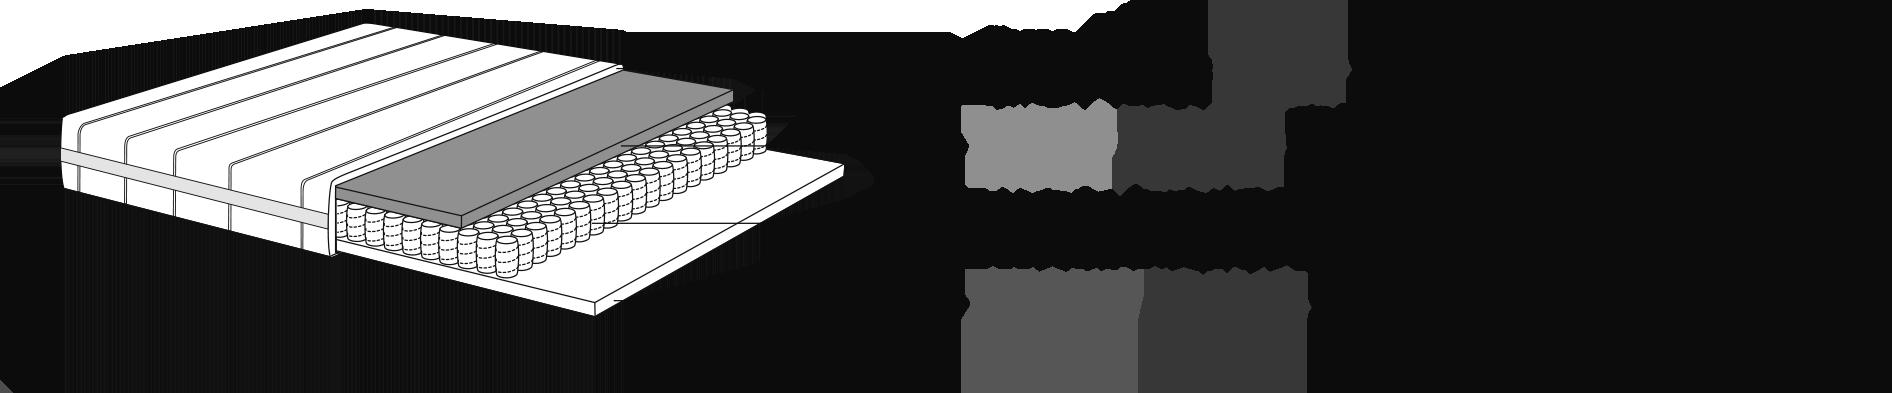 Composition du matelas : VISCOFOAM 50 KG / m3 (4 cm d'épaisseur), ressorts ensachés (280 / m2) et mousse TECHNIFOAM 30 kg / m3 (3 cm d'épaisseur)